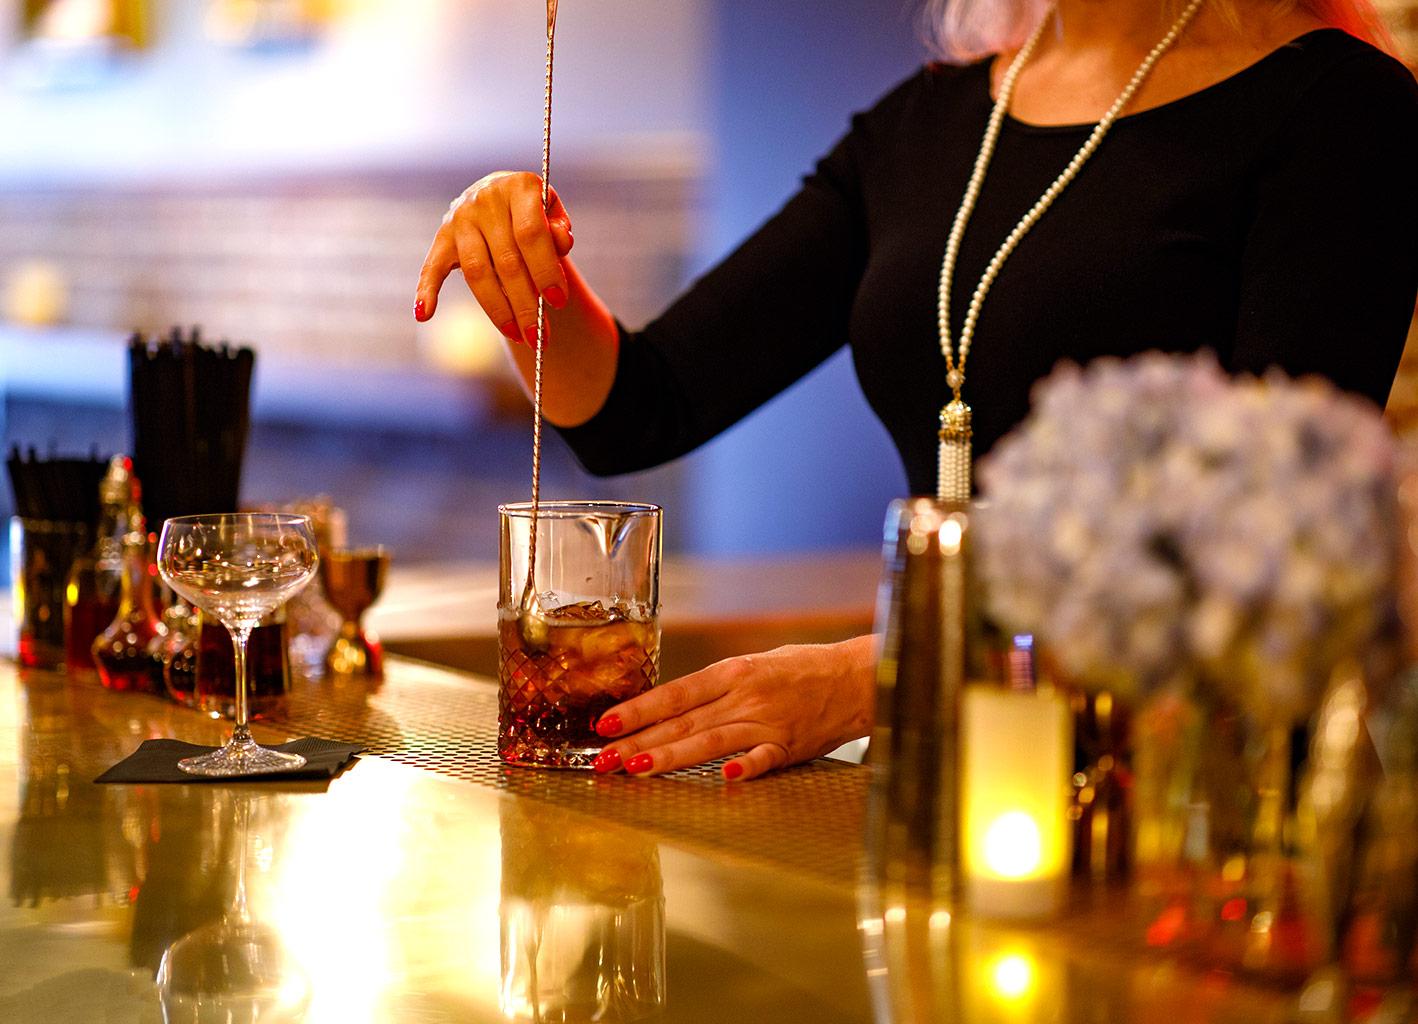 Cocktail-Making-3-web.jpg